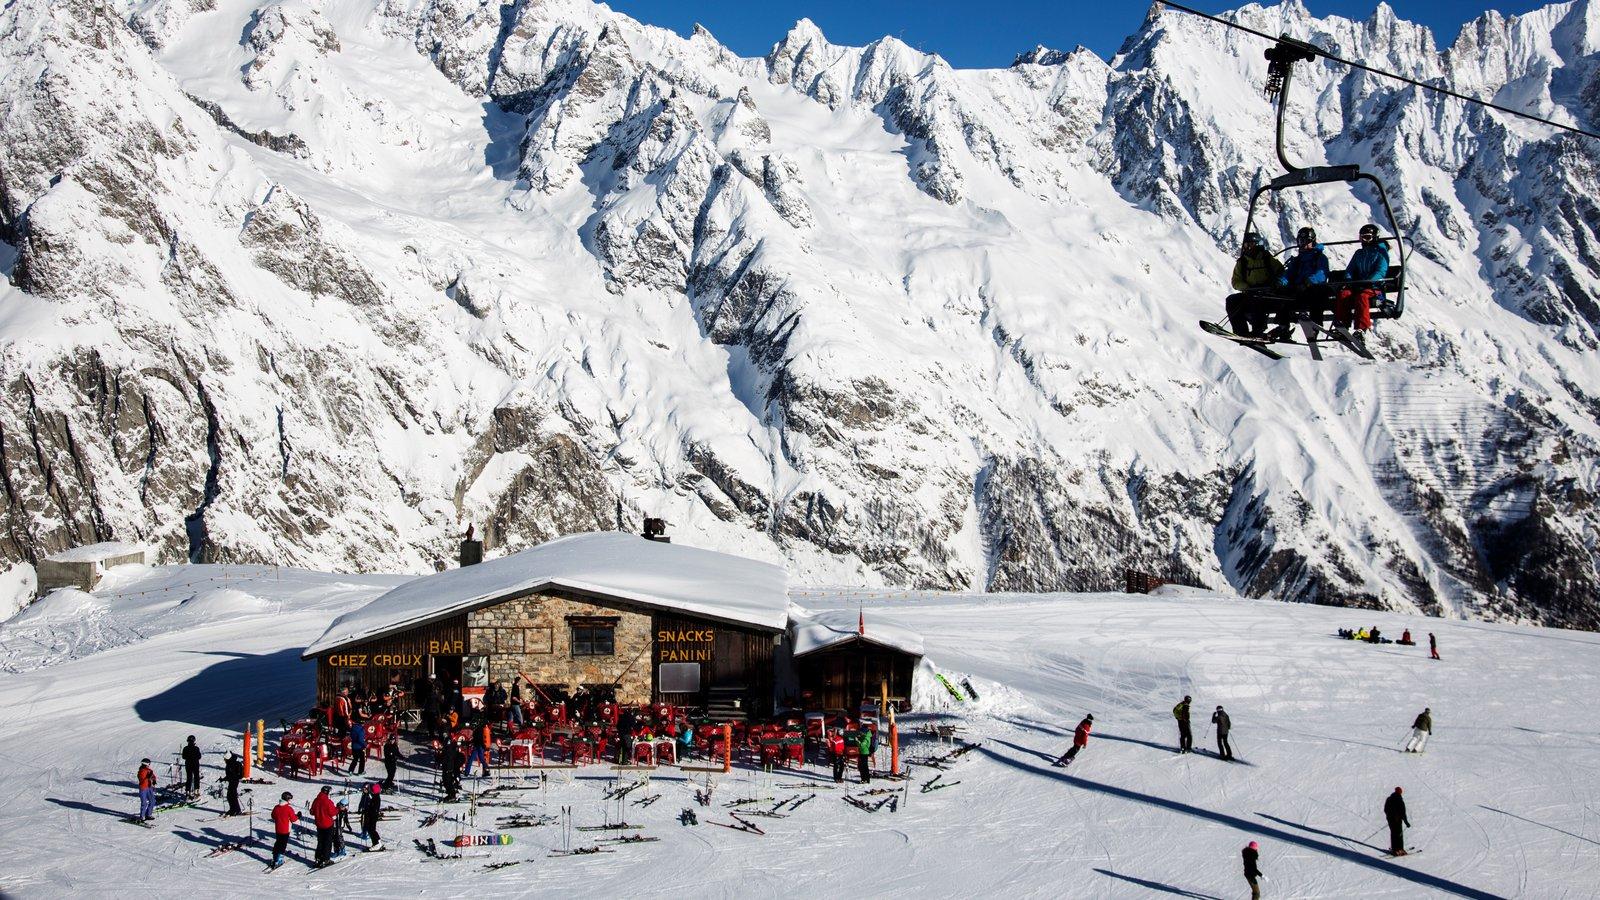 Courmayeur que incluye nieve, una góndola y montañas